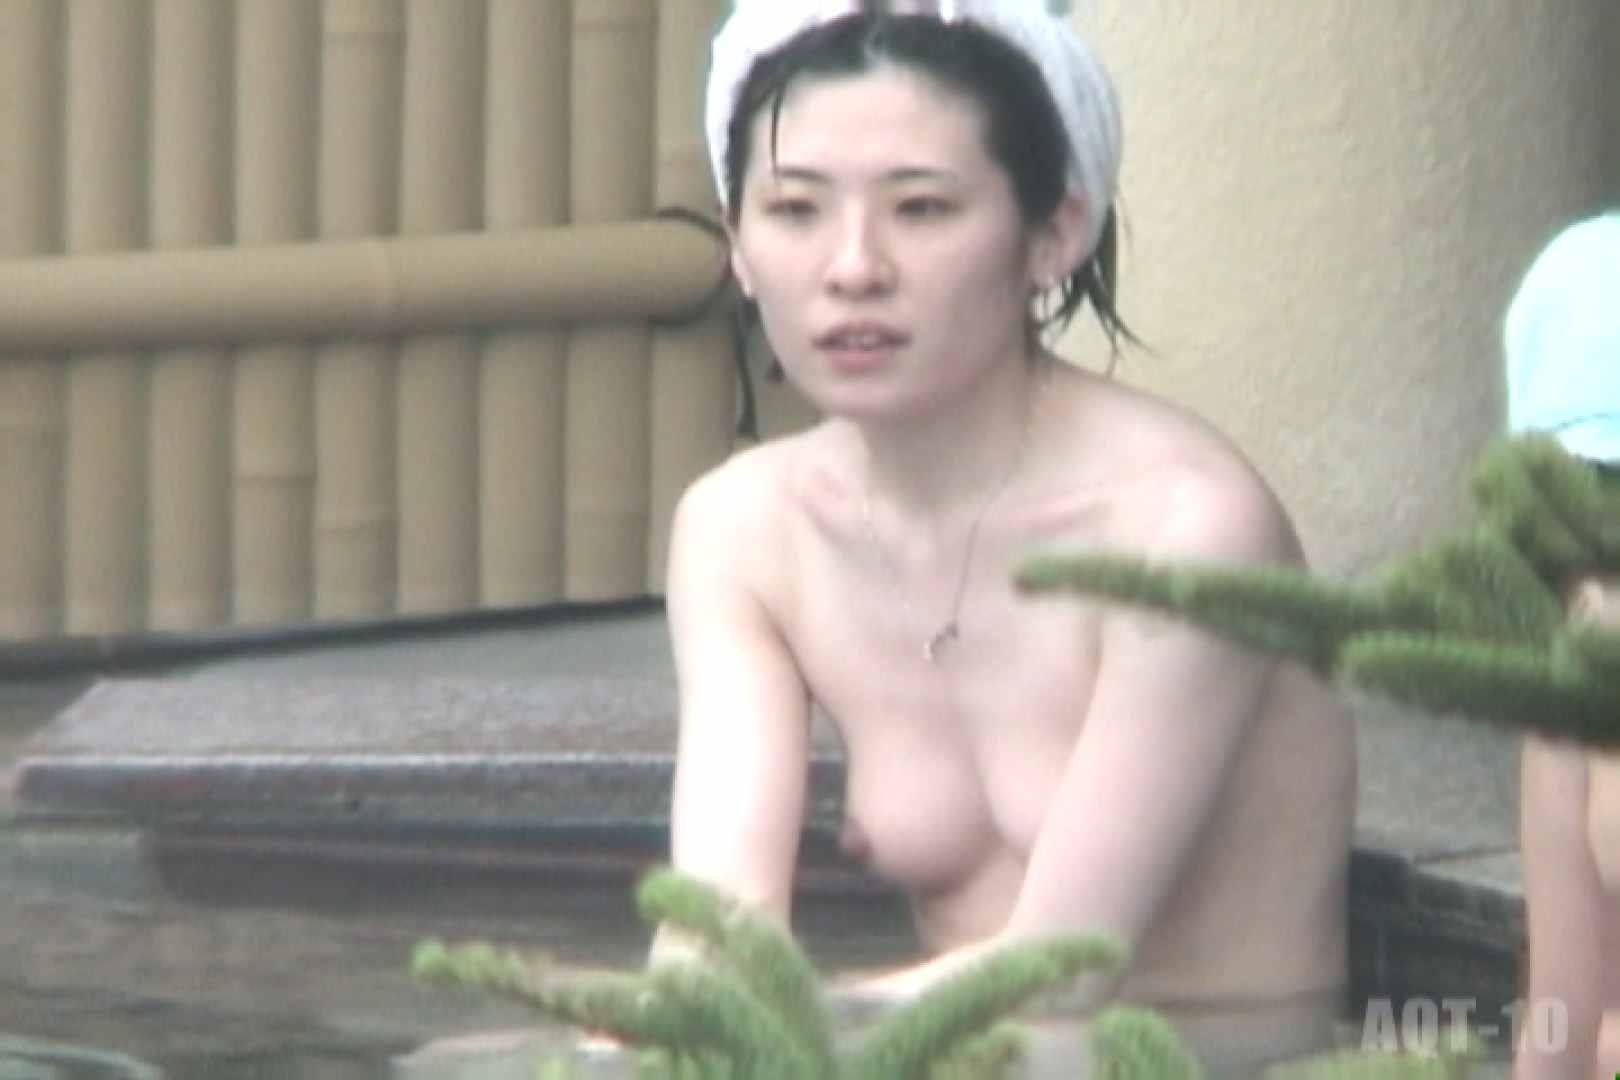 Aquaな露天風呂Vol.793 露天 | 盗撮特集  56画像 46